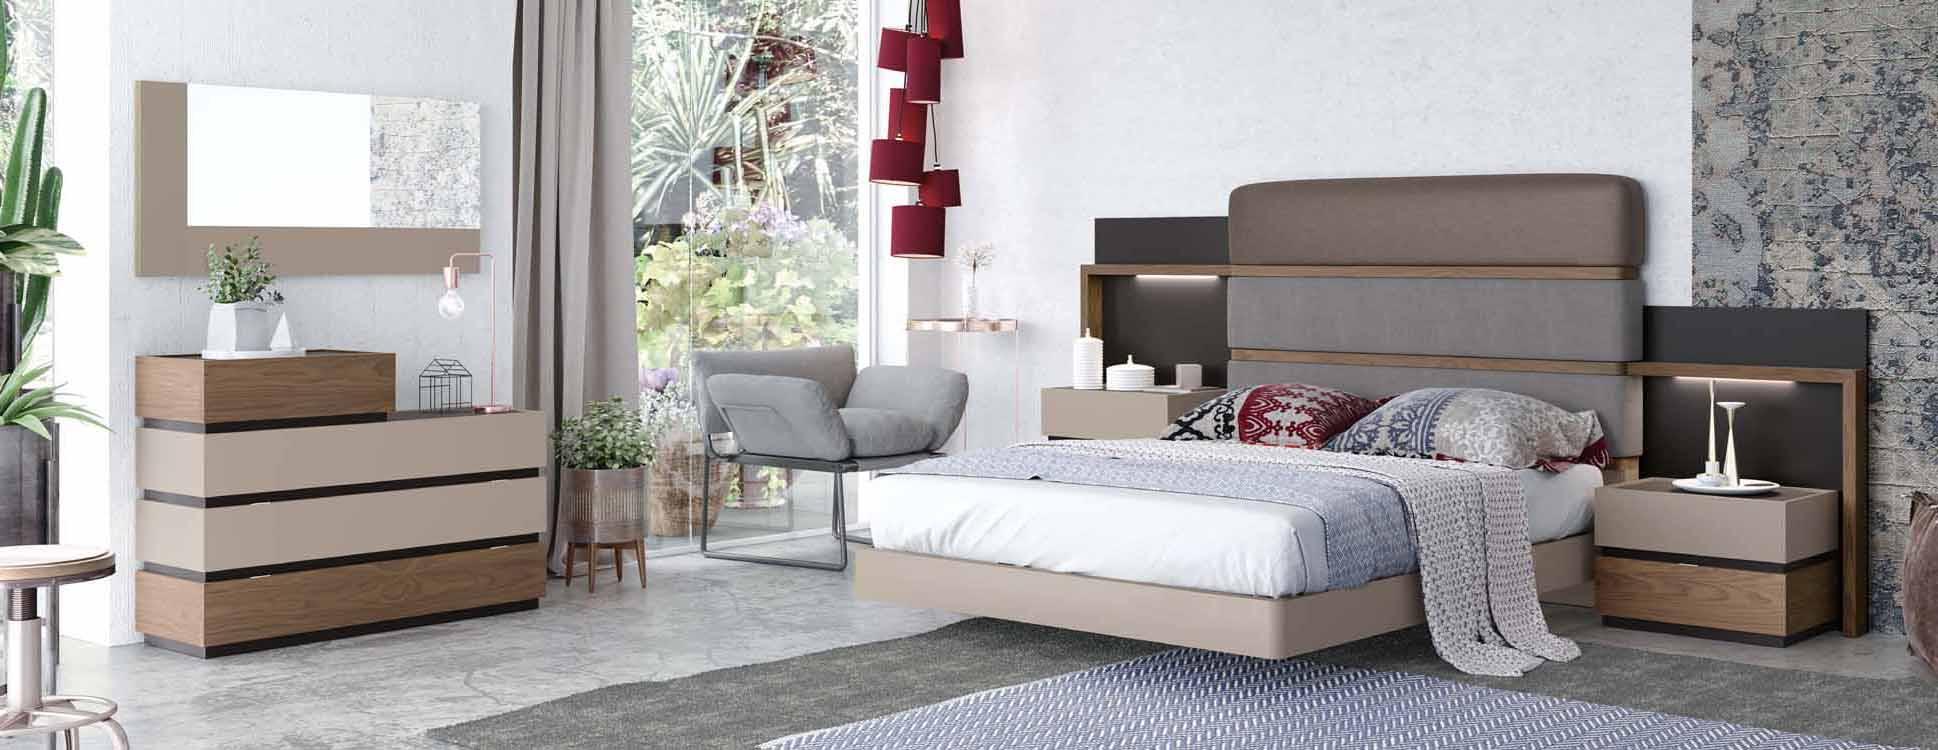 Camas de 120 cm de ancho - Sofa cama 120 ancho ...